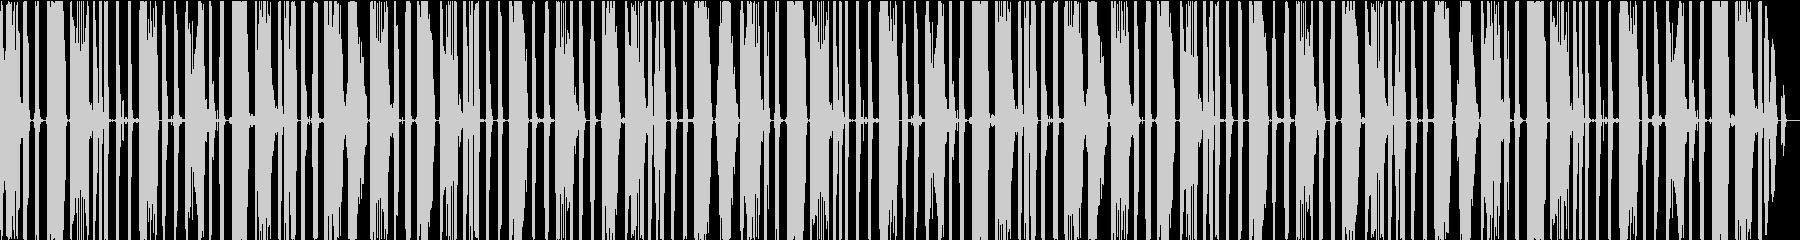 ボイスパーカッション・ビートボックス_7の未再生の波形